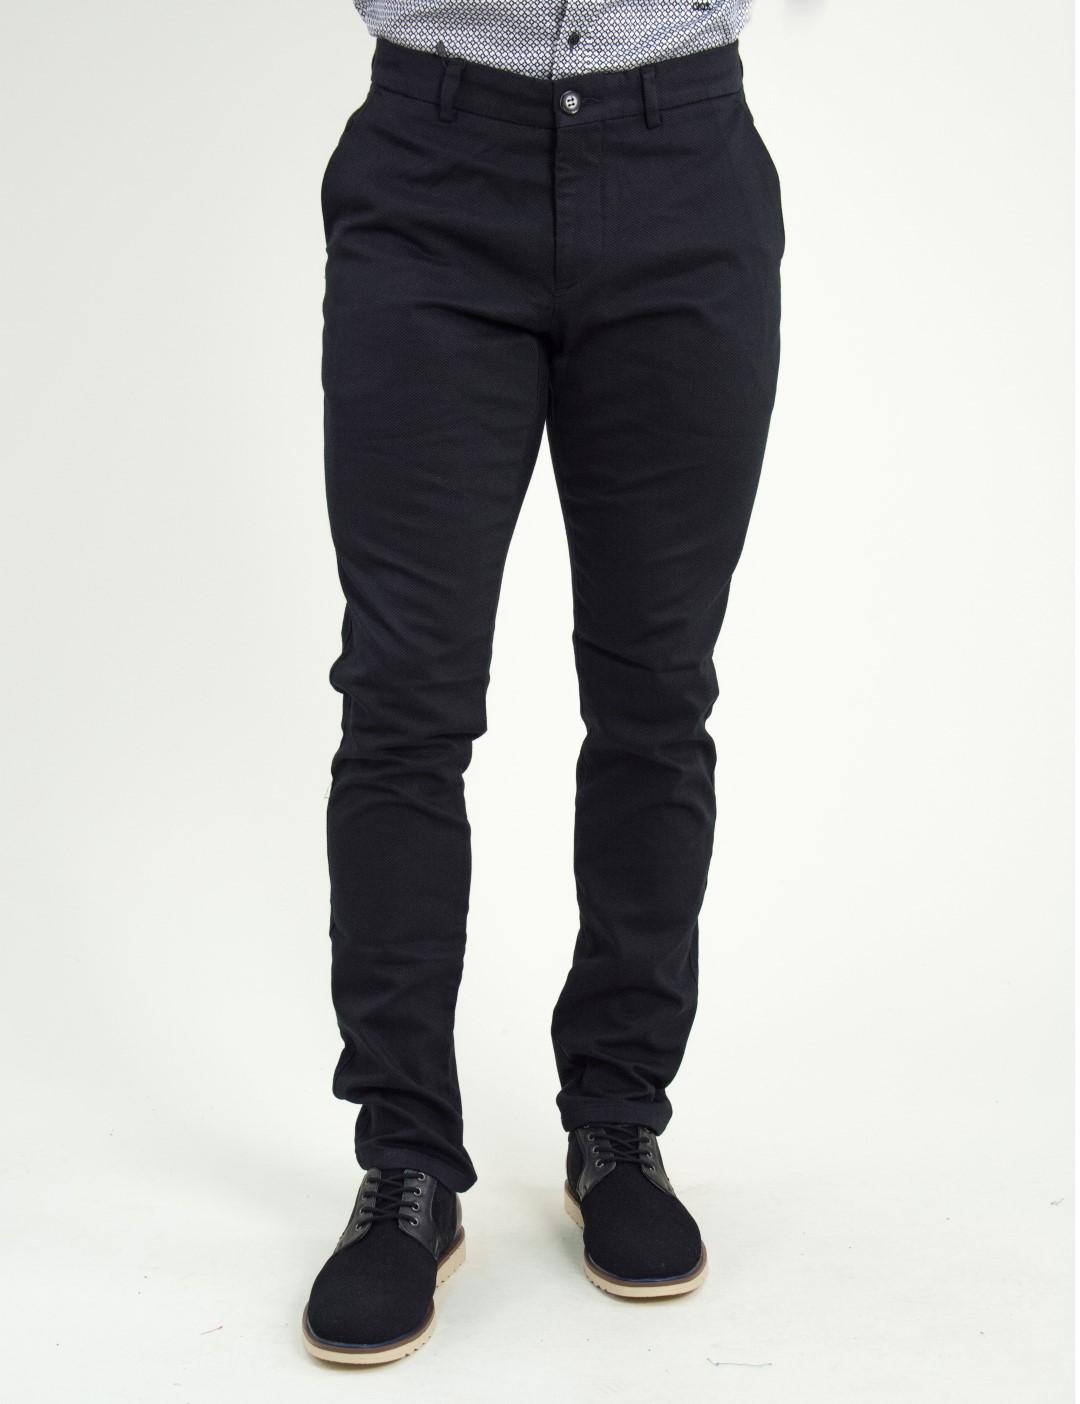 Ανδρικό μαύρο υφασμάτινο Chinos παντελόνι Ben Tailor 2036F 6b7cca25696